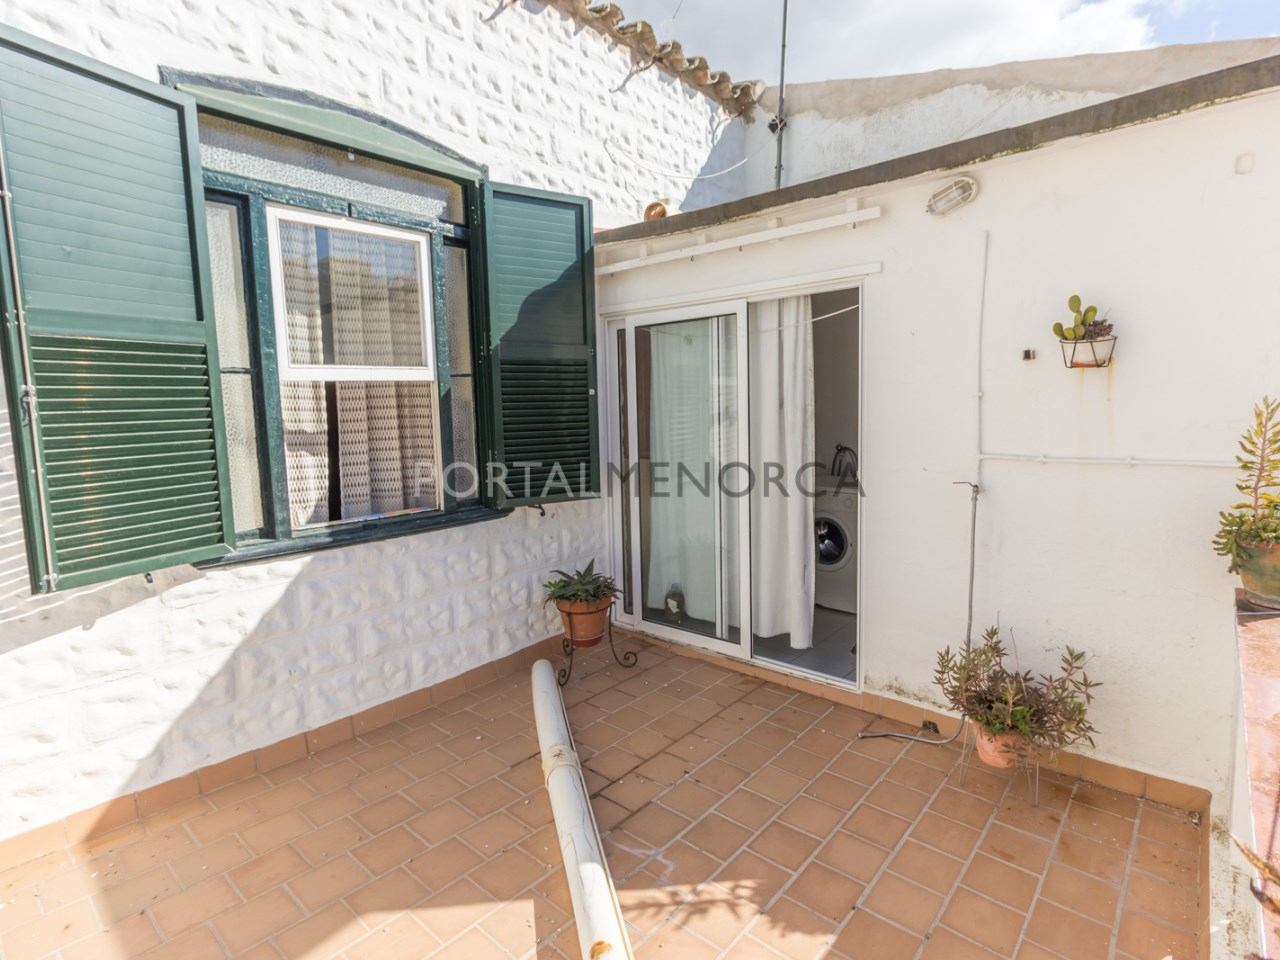 maison avec patio a Mahon (11 de 15)